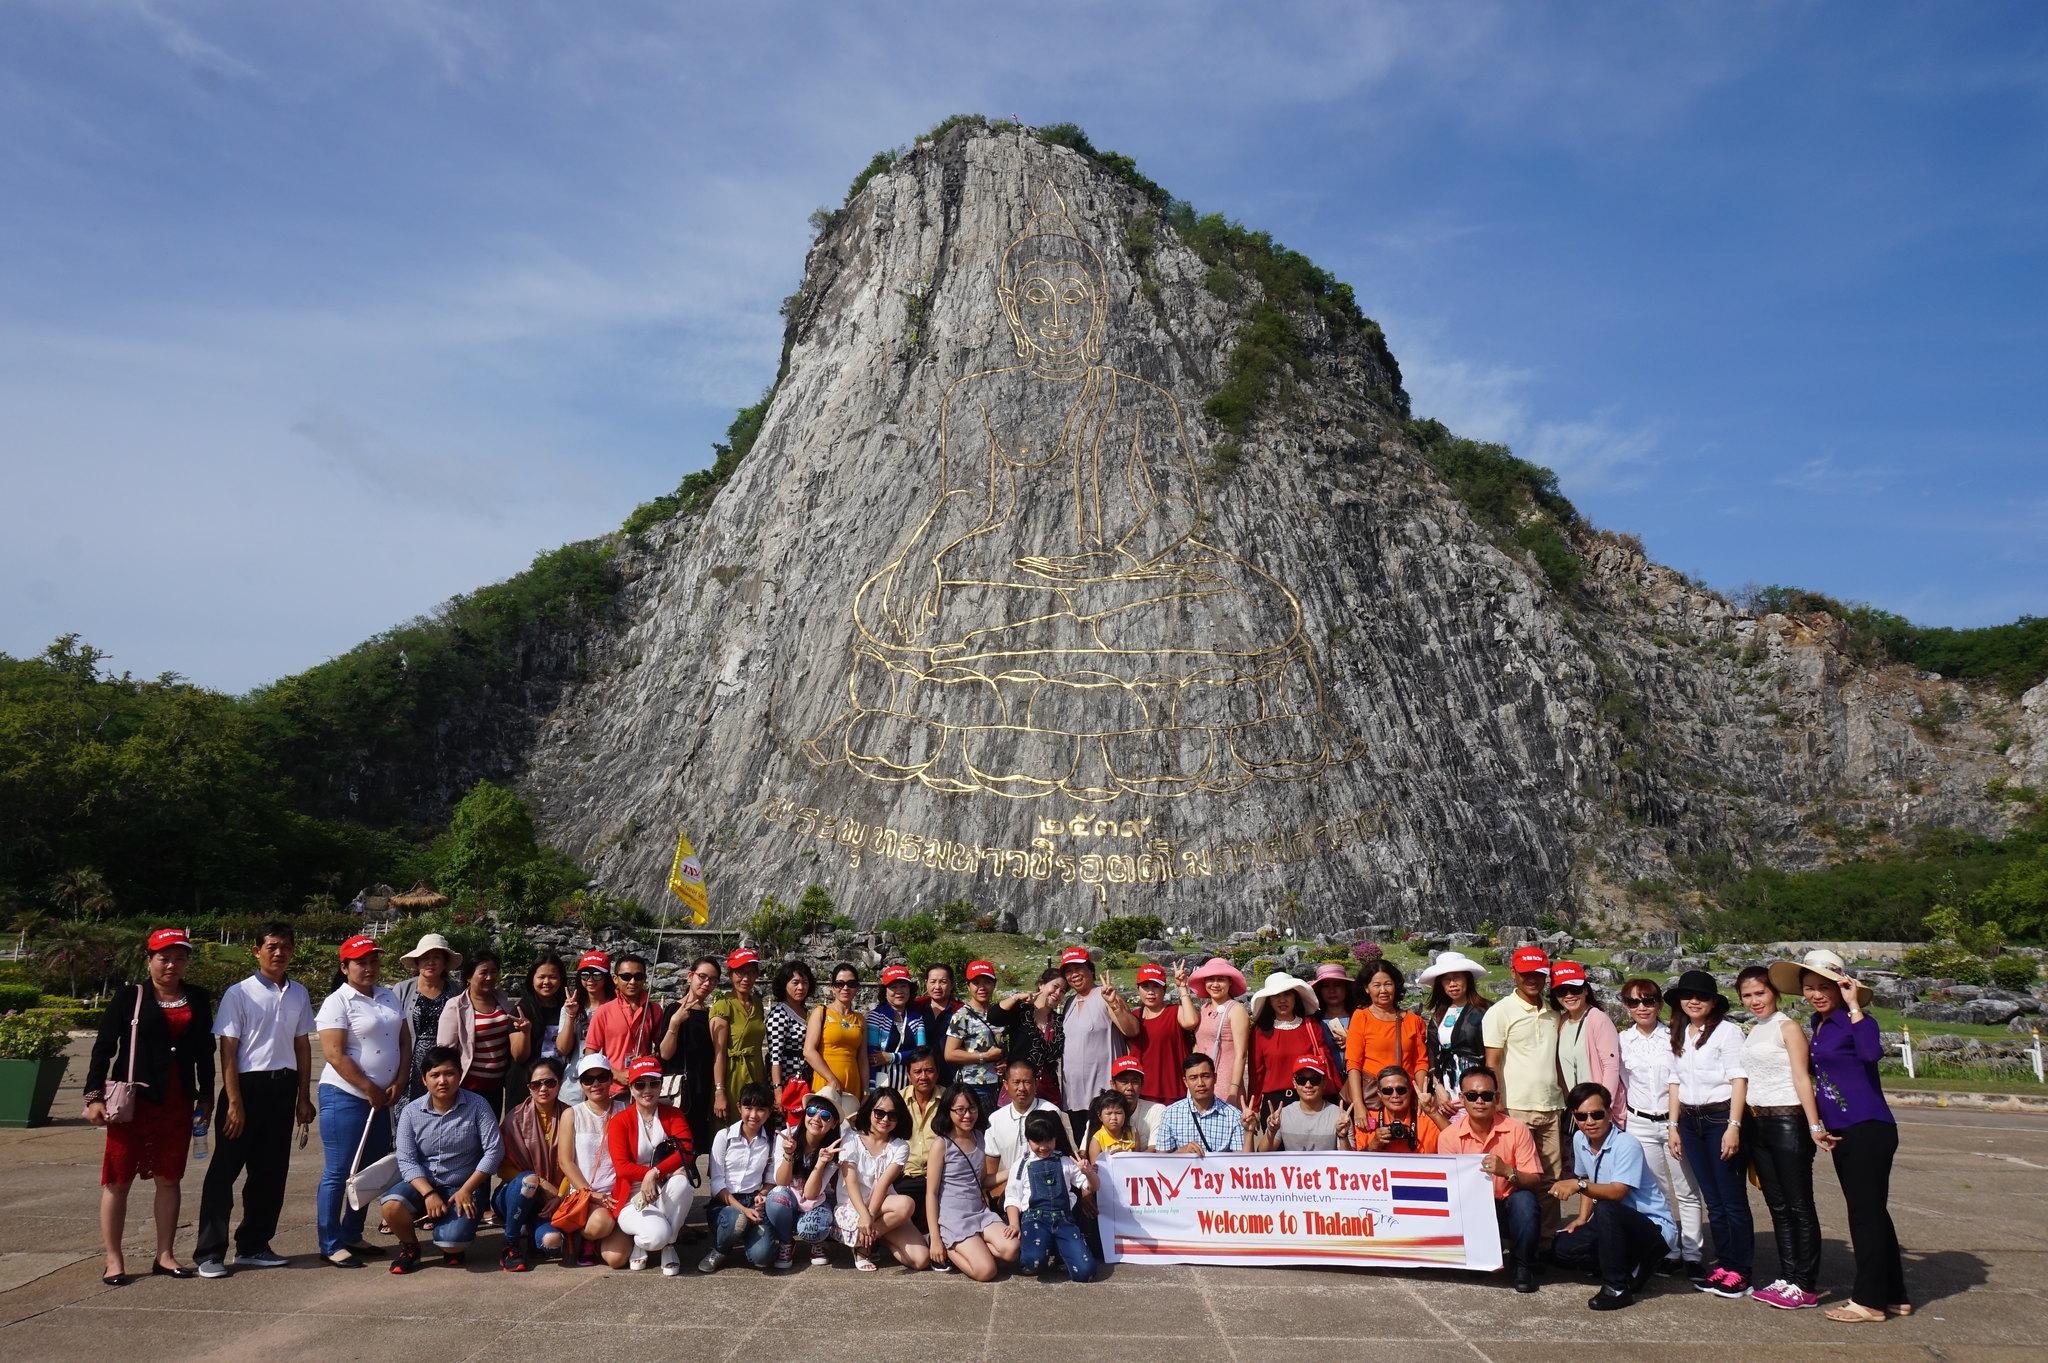 ĐOÀN KHÁCH LẺ DU LỊCH THAILAND NGÀY 24-28/05/2016